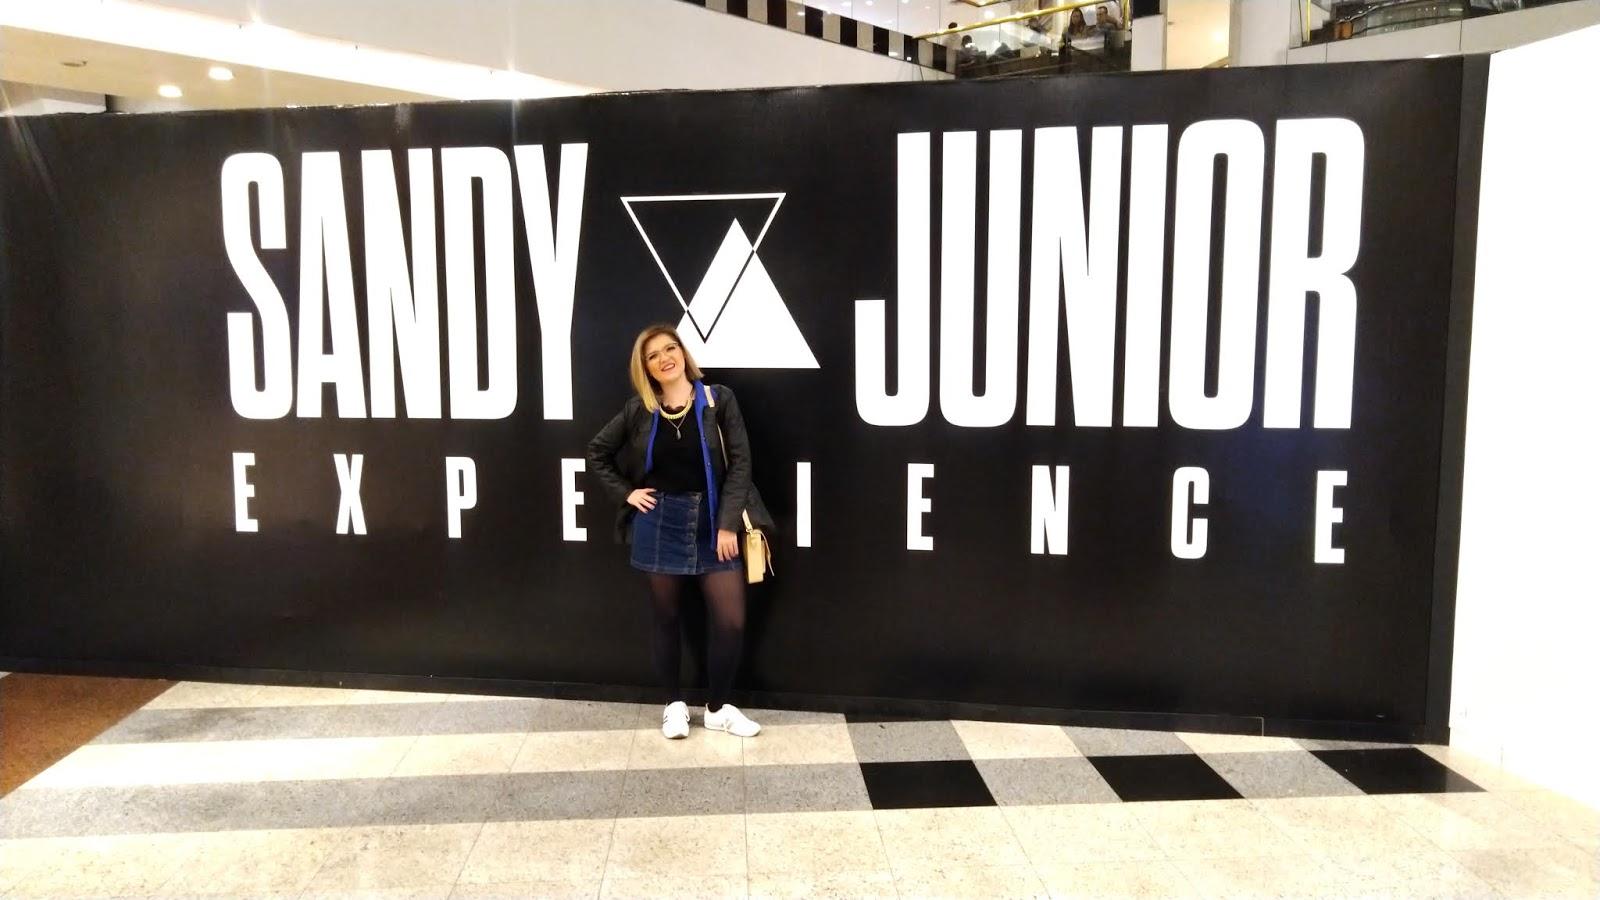 Para os fãs de Sandy e Júnior: Exposição no Anália Franco traz itens inéditos da dupla